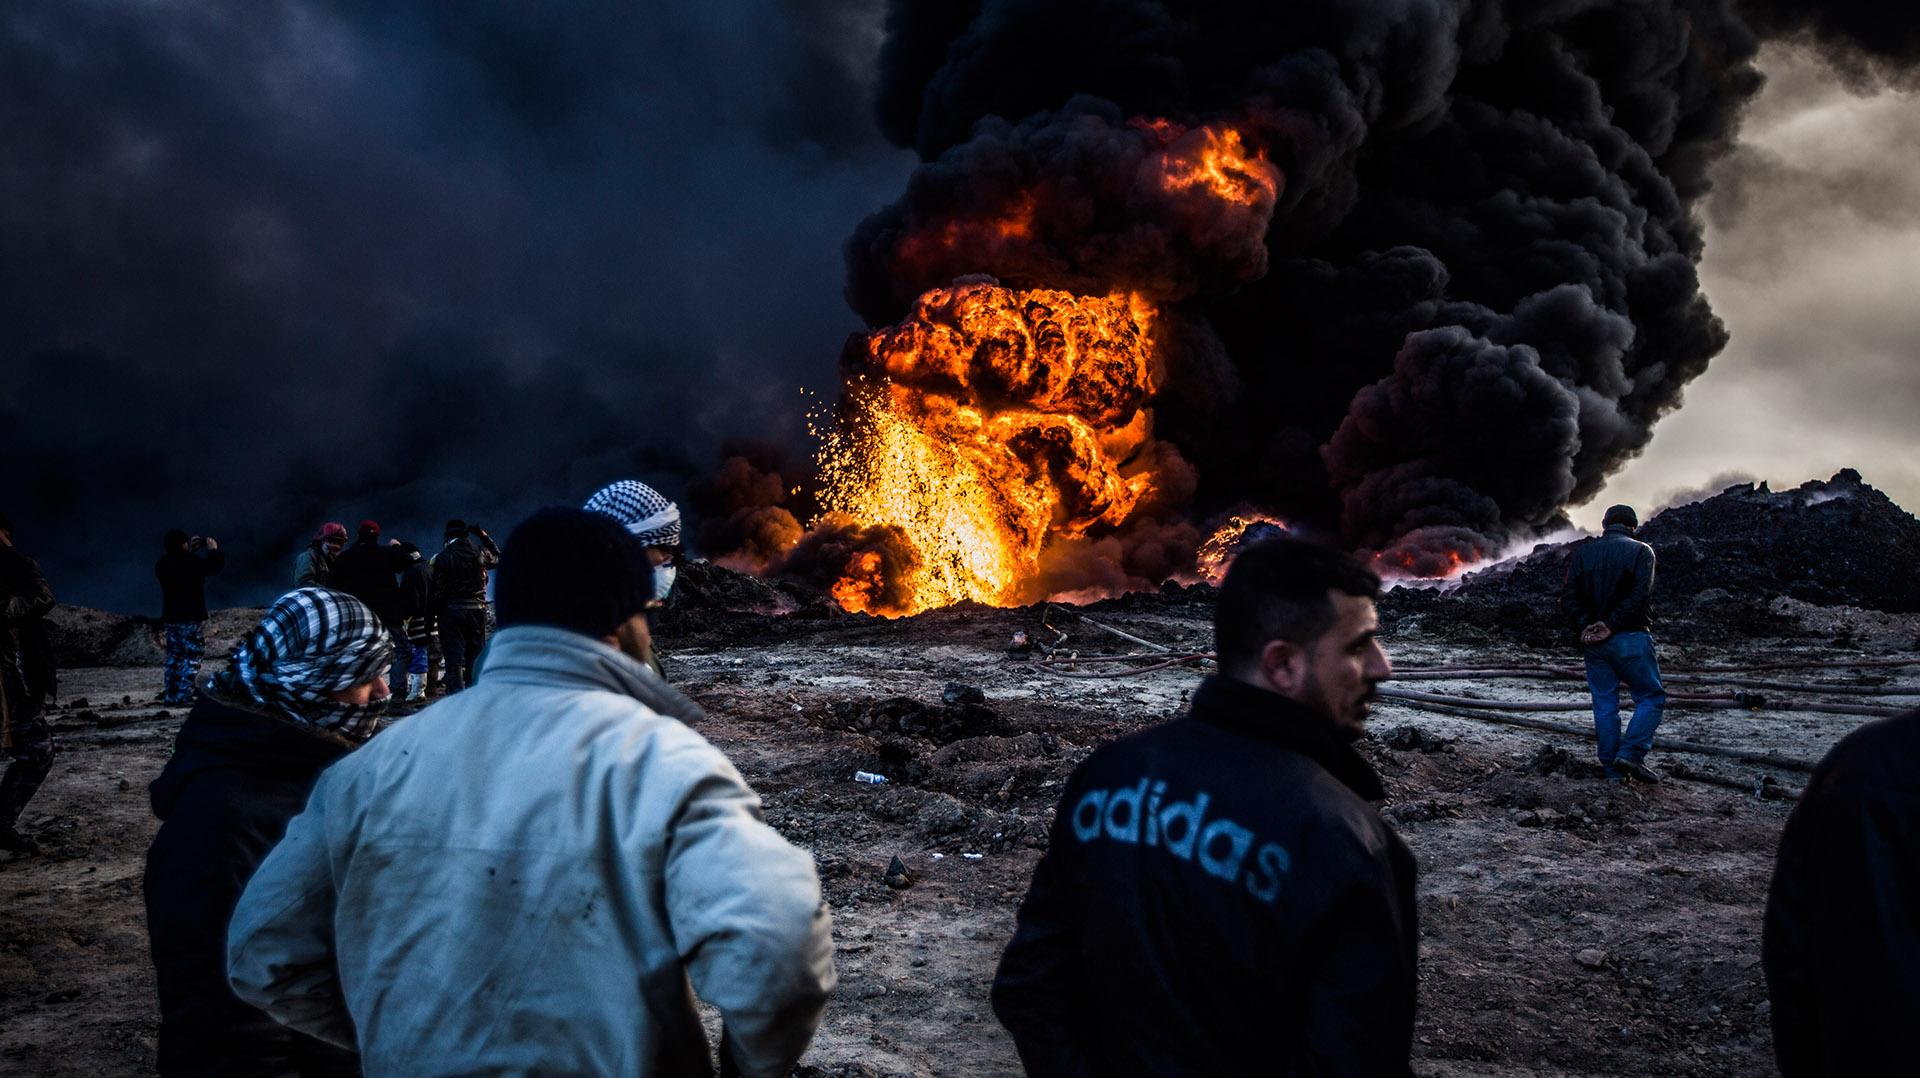 Un grupo de bomberos fuera de servicio observan el trabajo de sus compañeros desde la distancia. El calor hace imposible acercarse sin el equipo de protección. (Pablo Cobos)